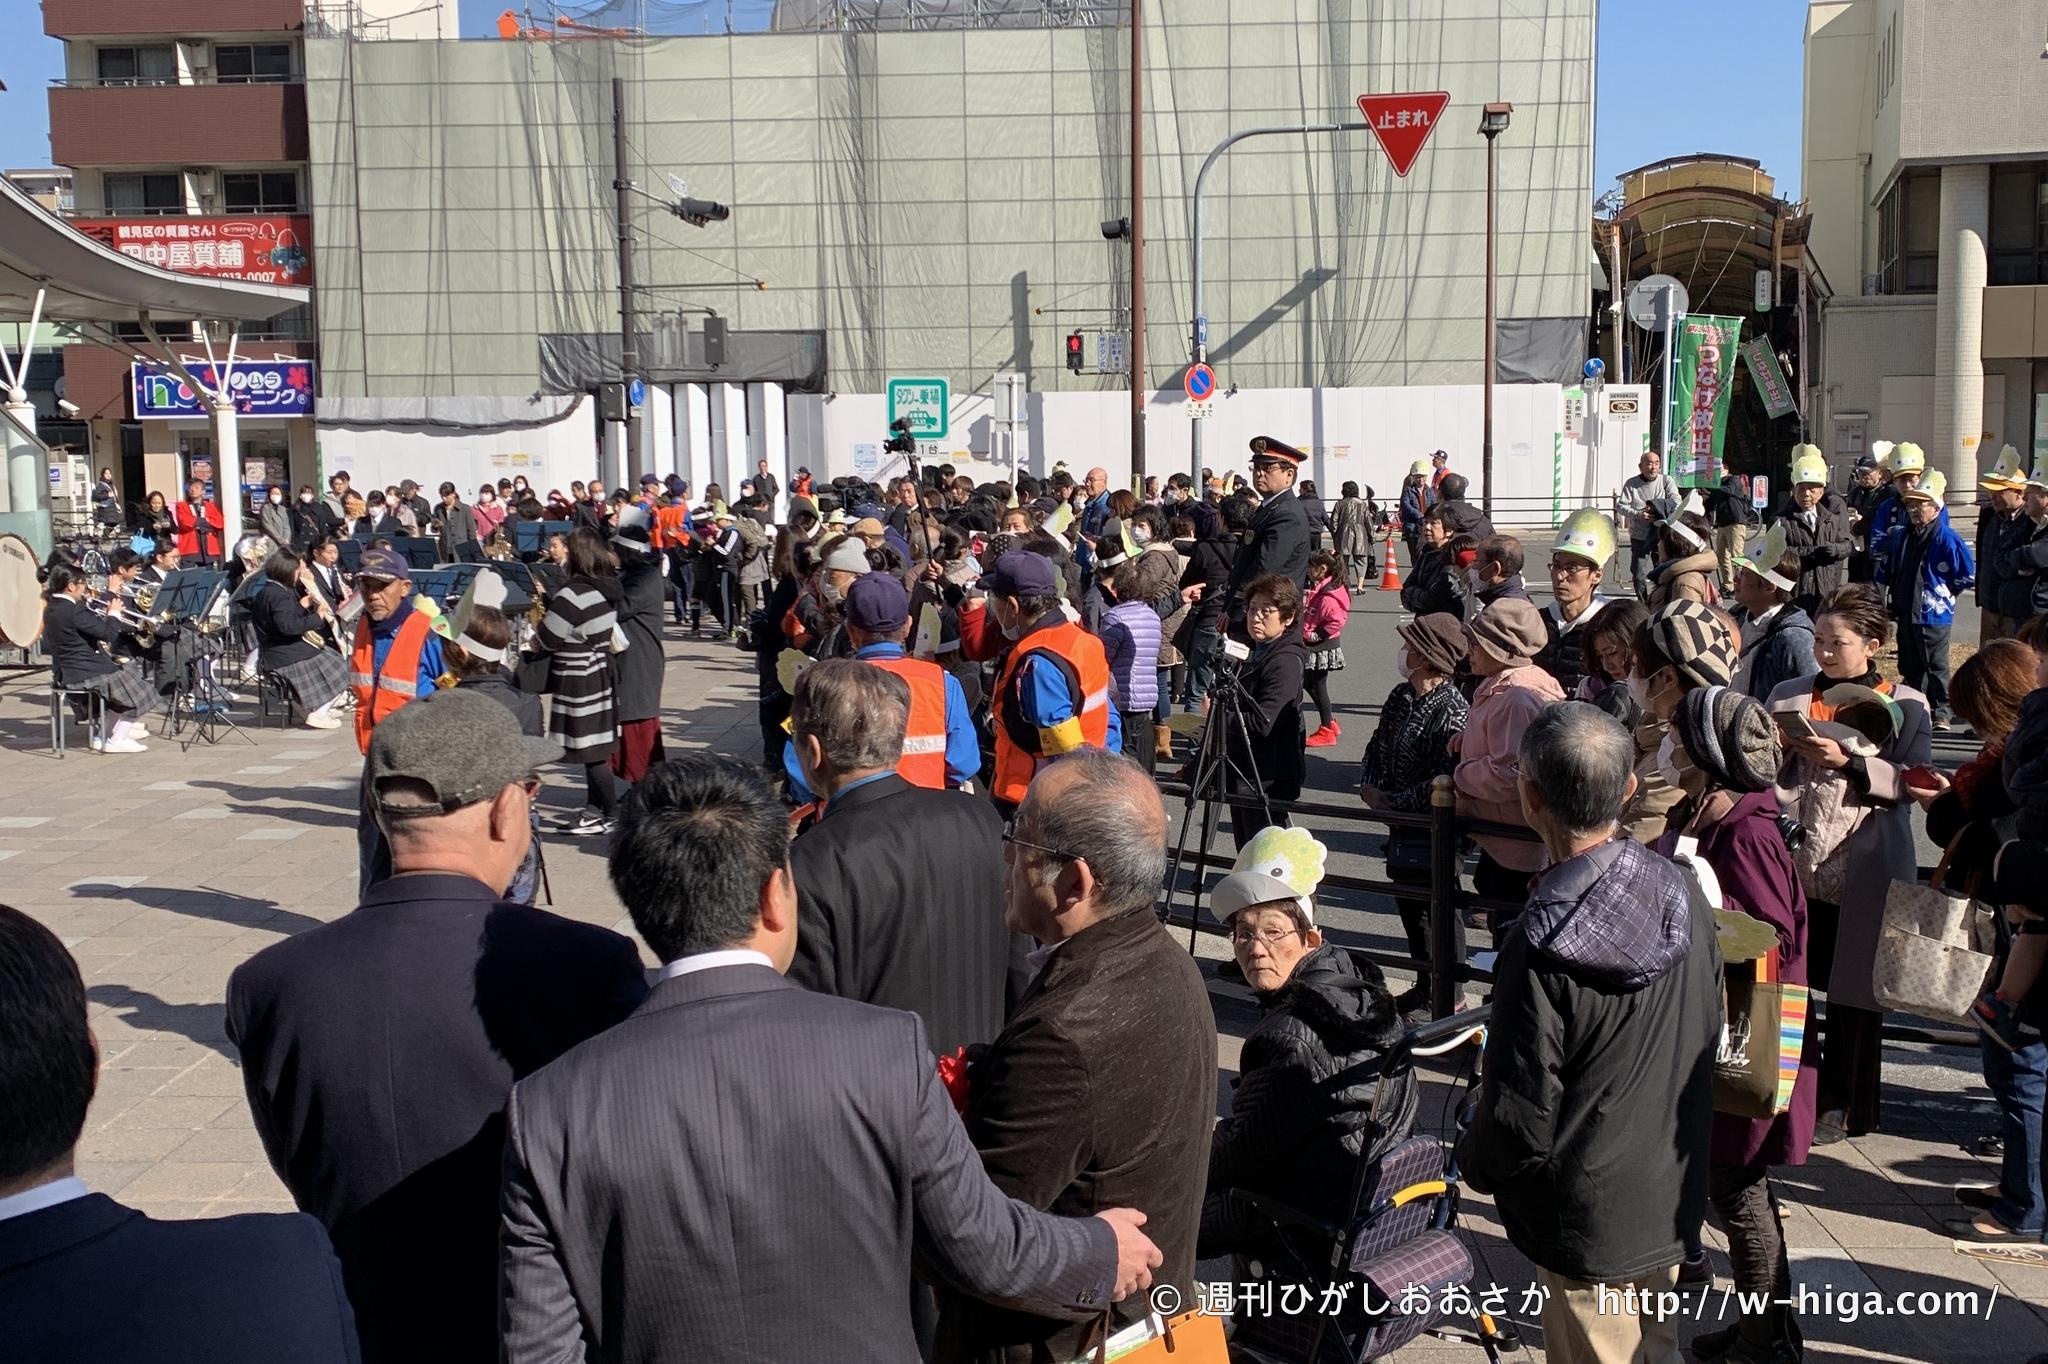 つなげ放出 夢に向かって走れ!放出駅周辺で、JRおおさか東線全線開通1週間前イベント